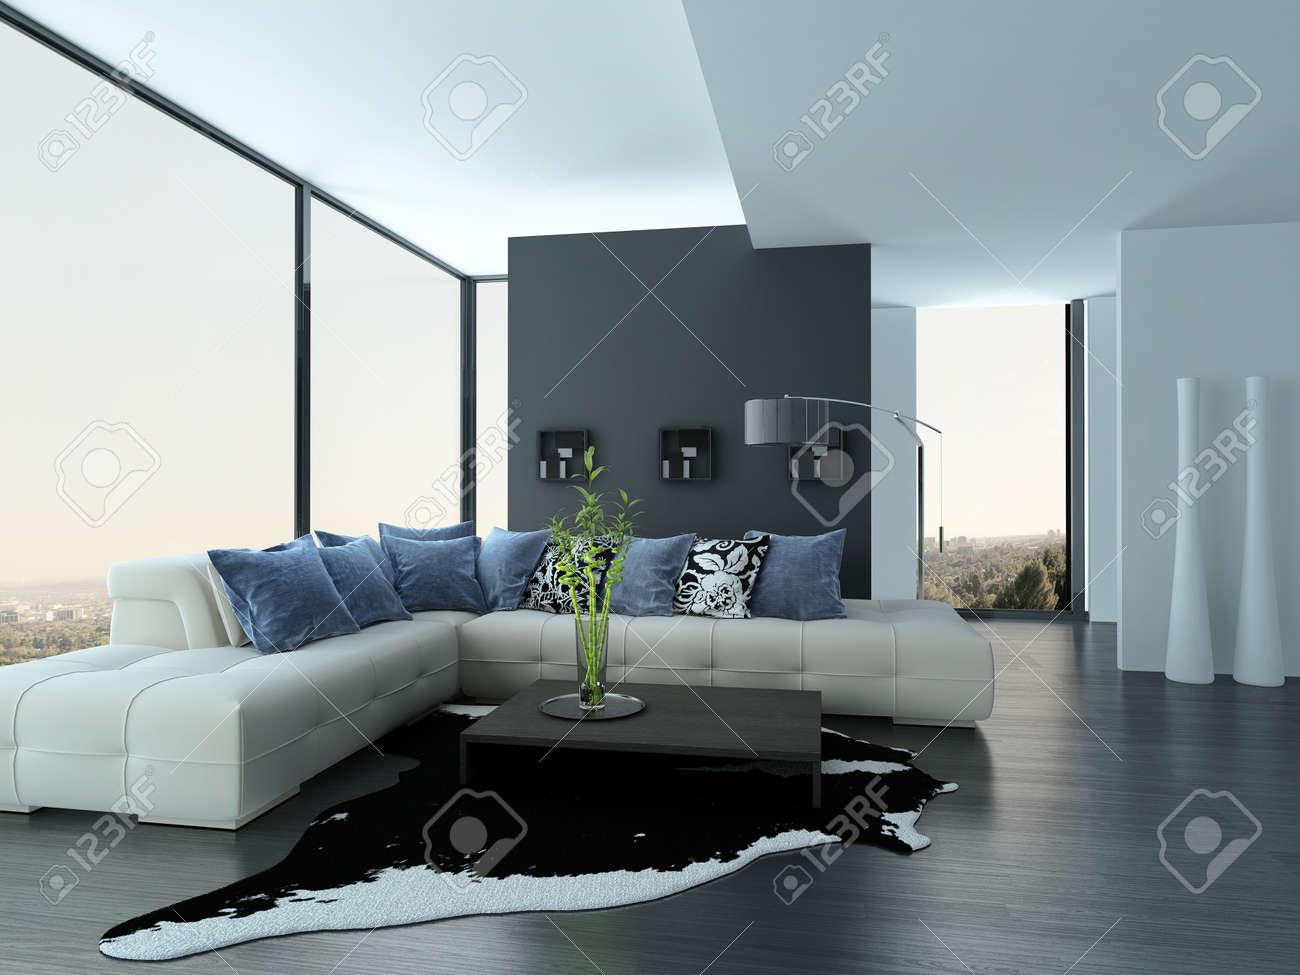 Moderne Wohnzimmer Interieur Mit Weißen Couch Mit Blauen Kissen ...